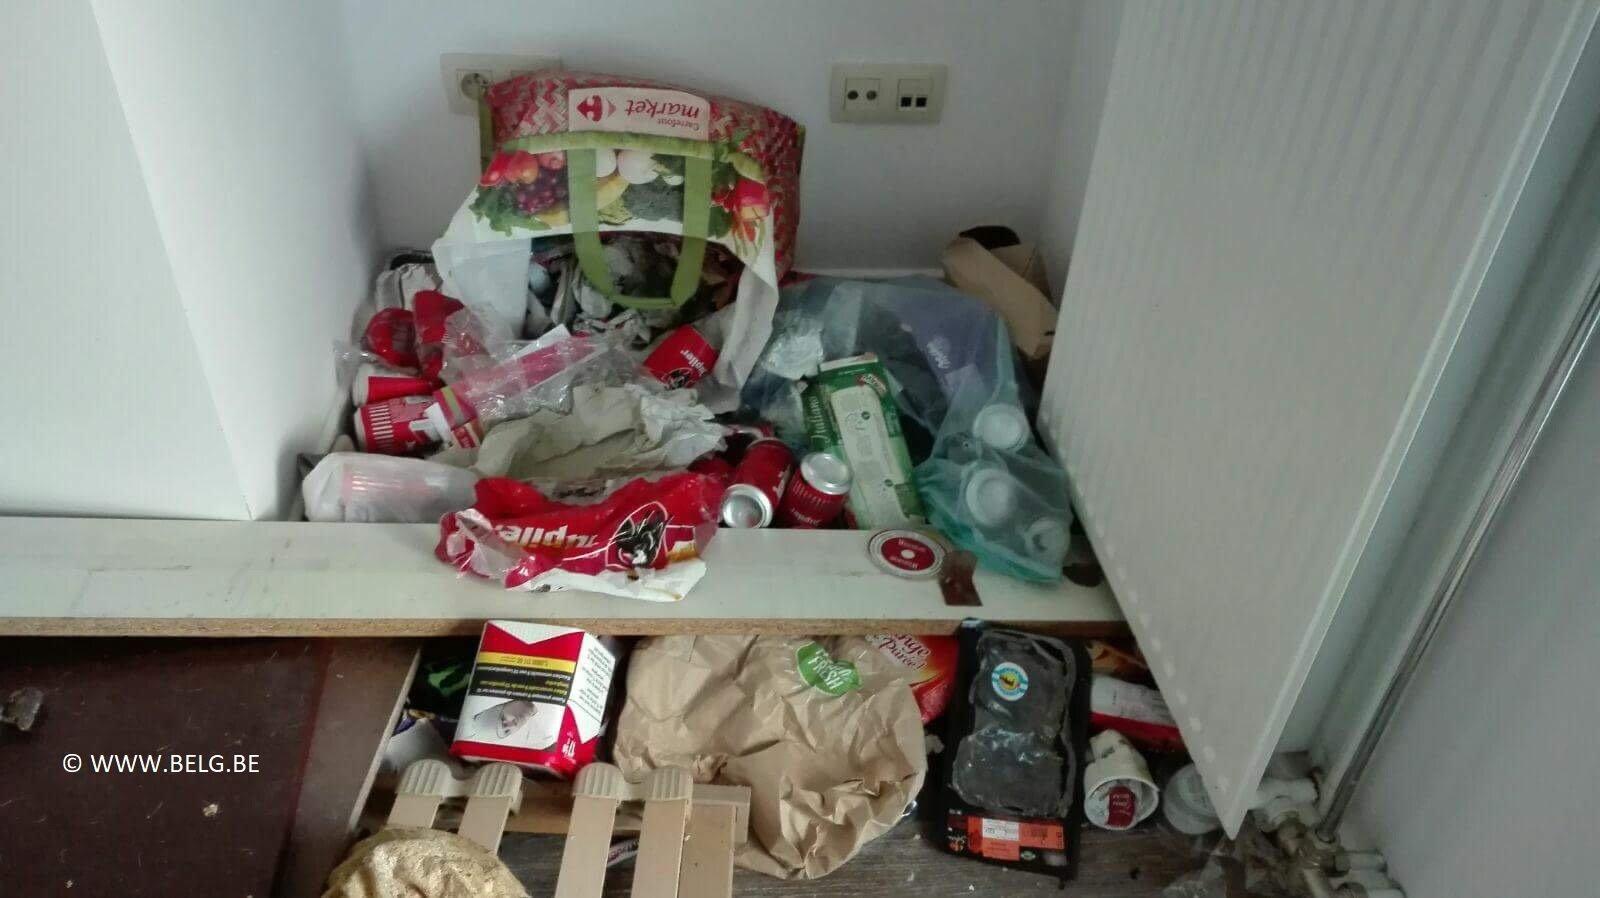 Huurhuis in Geraardsbergen na enkele maanden een ravage - IMG 1111